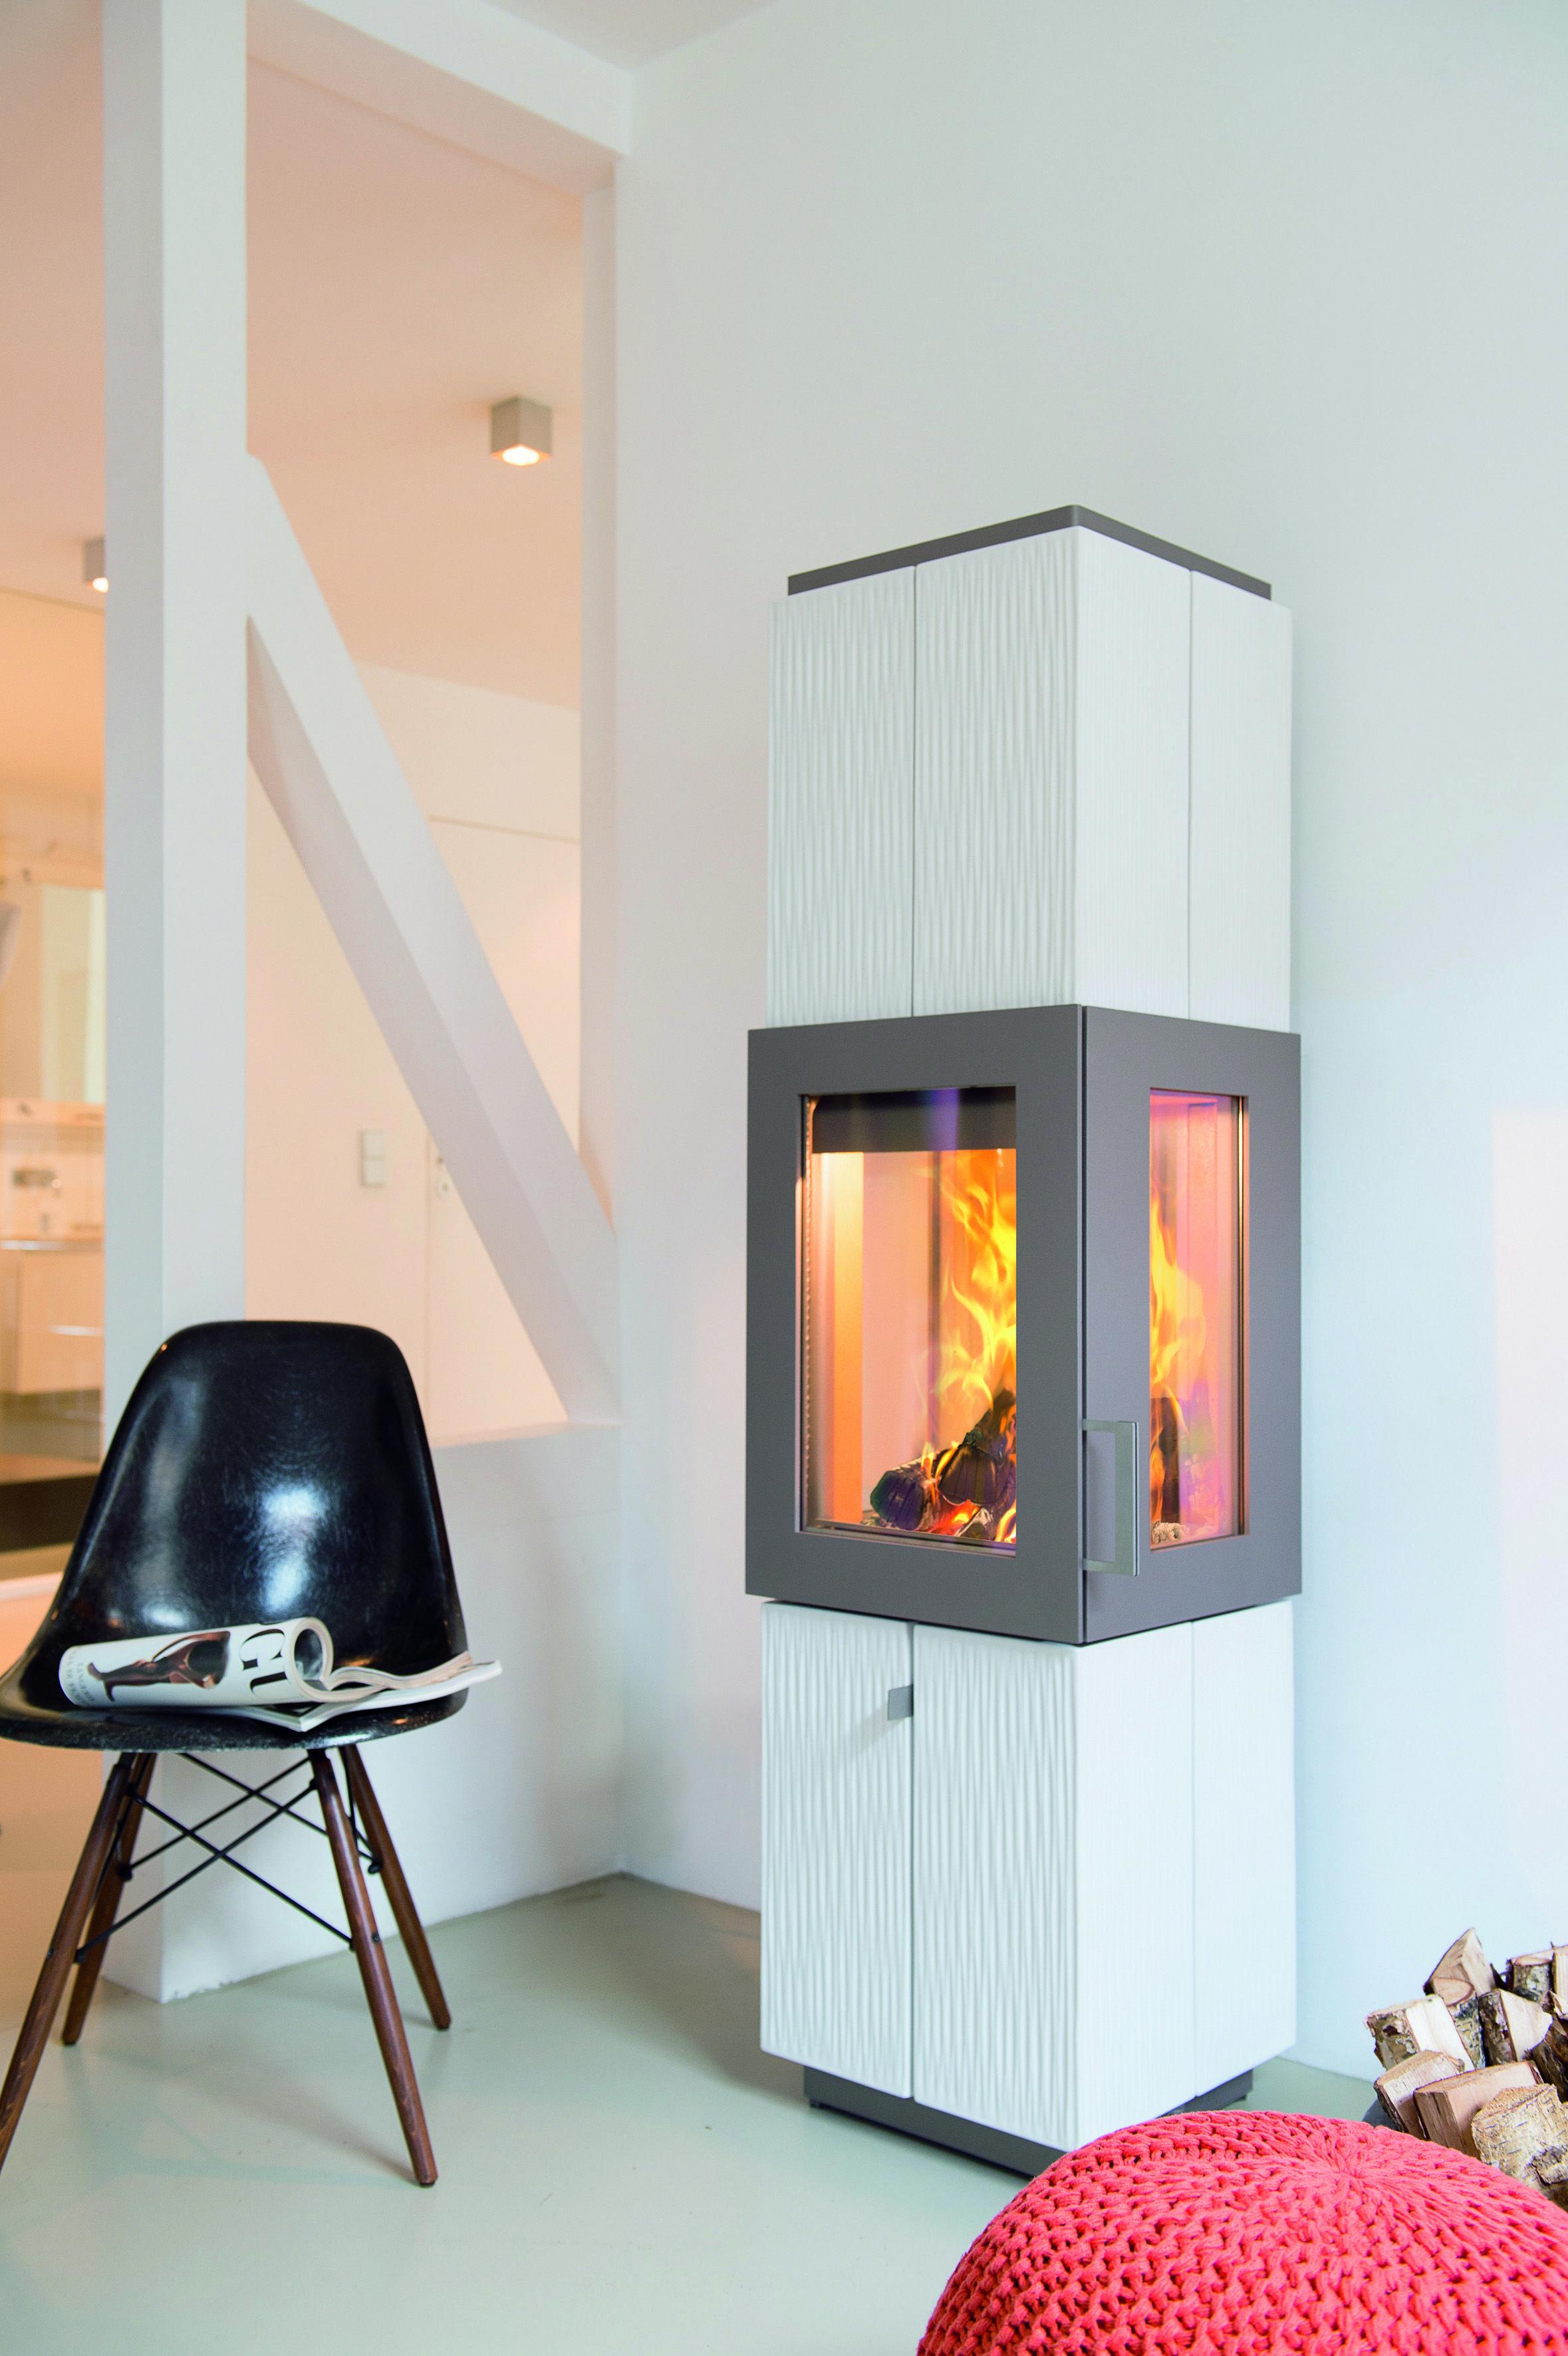 Ein Kaminofen Ist Modern Und Macht Ein Zuhause Gemütlich. Neben Dem Warmen  Feuer Nimmt Man